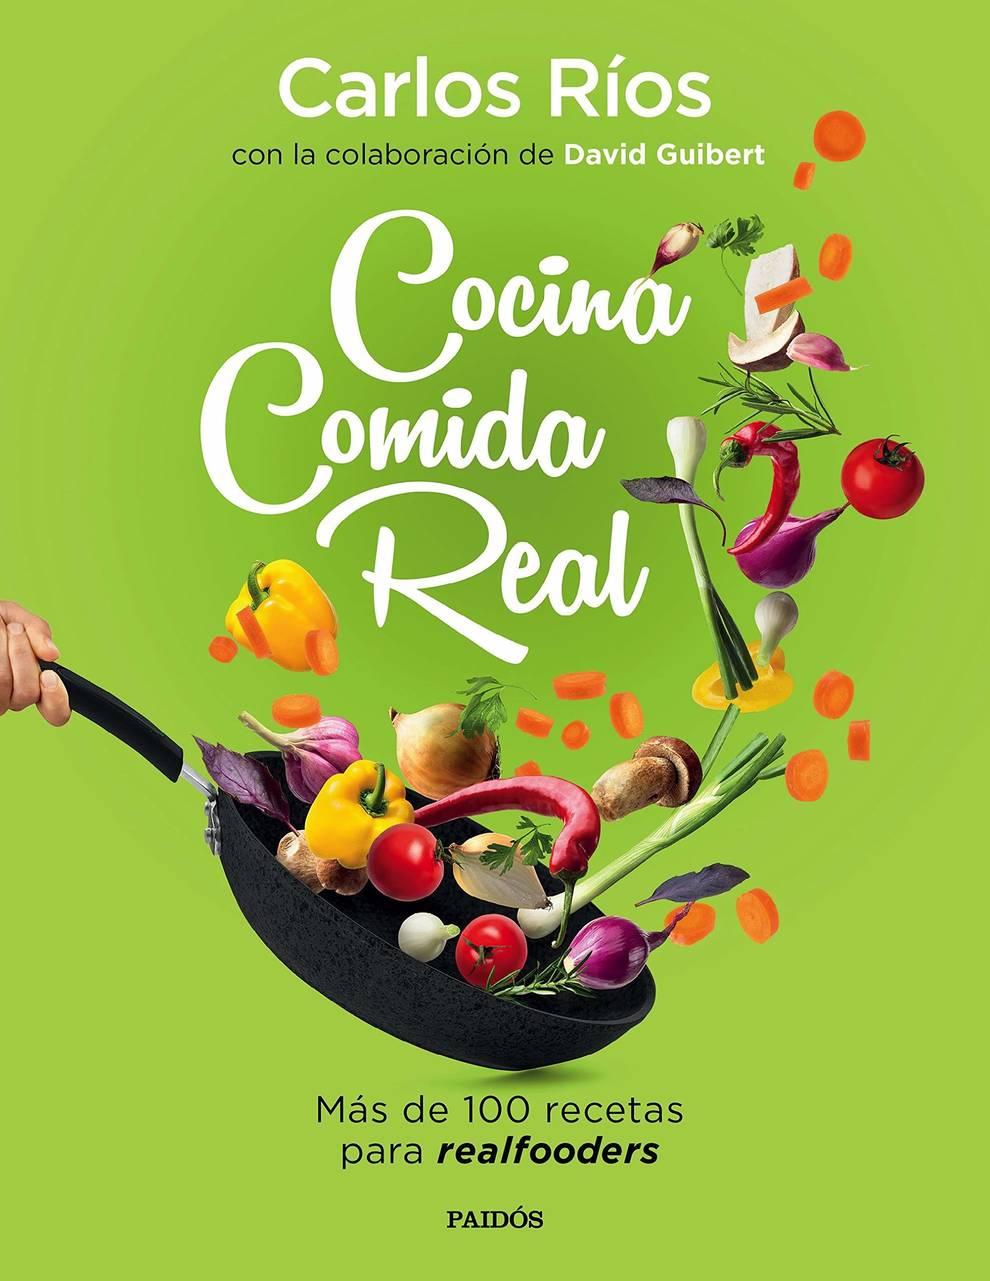 Cubierta del libro Cocina comida real